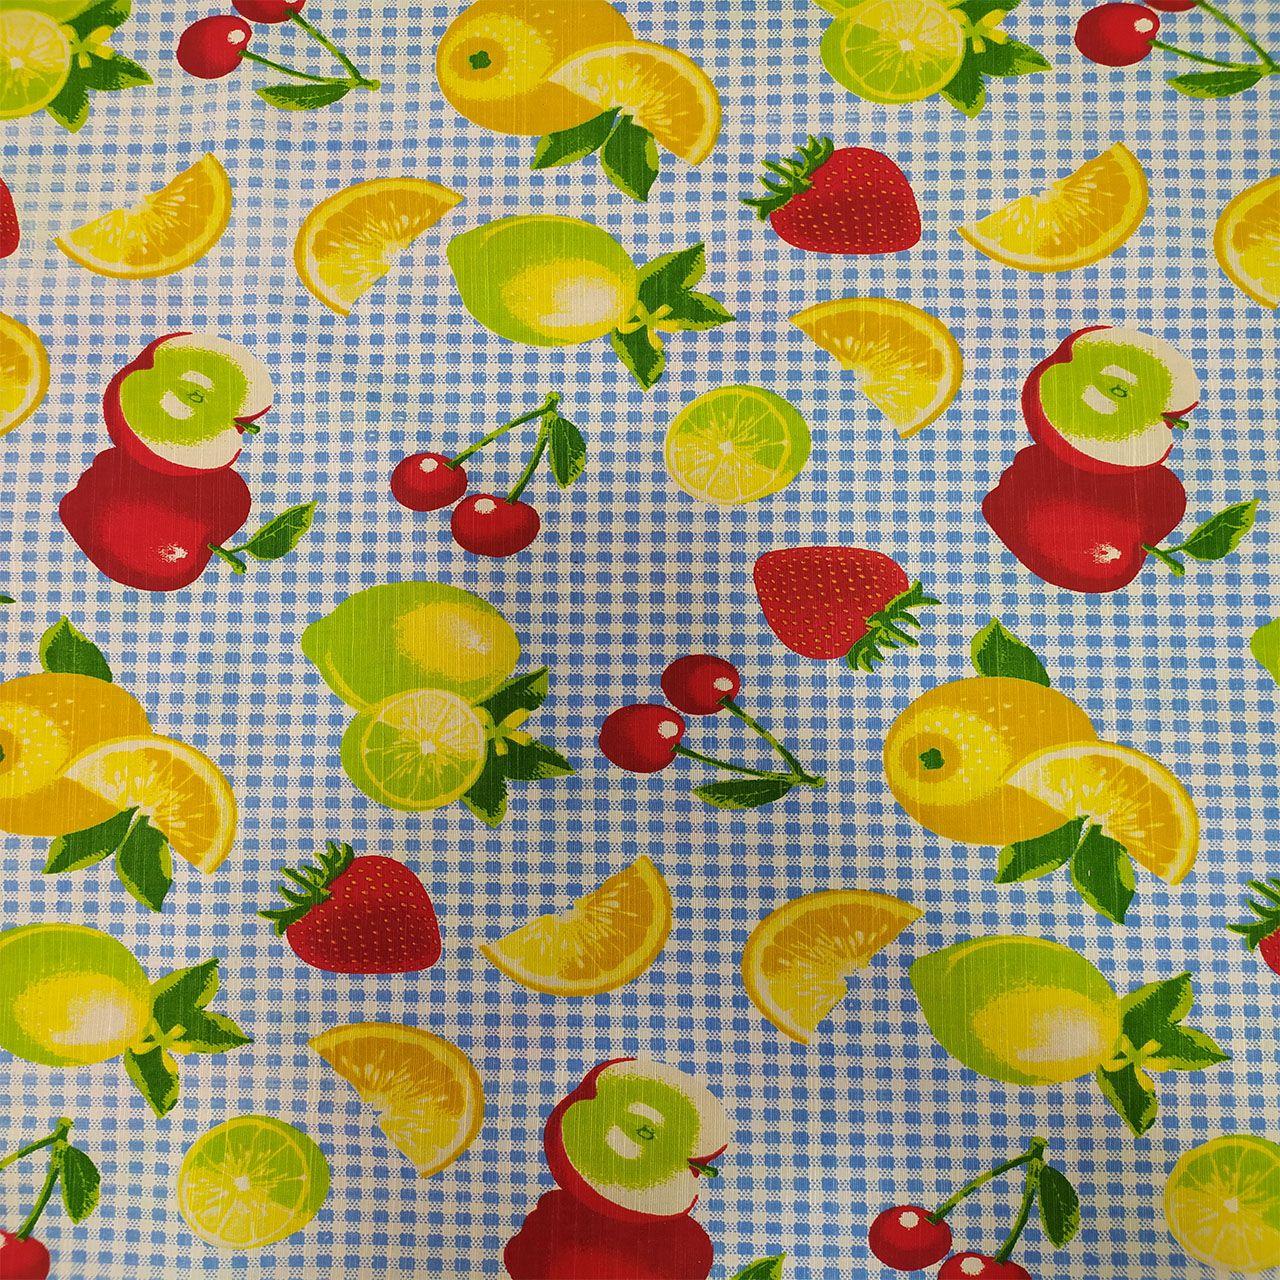 پارچه آشپزخانه طرح میوه